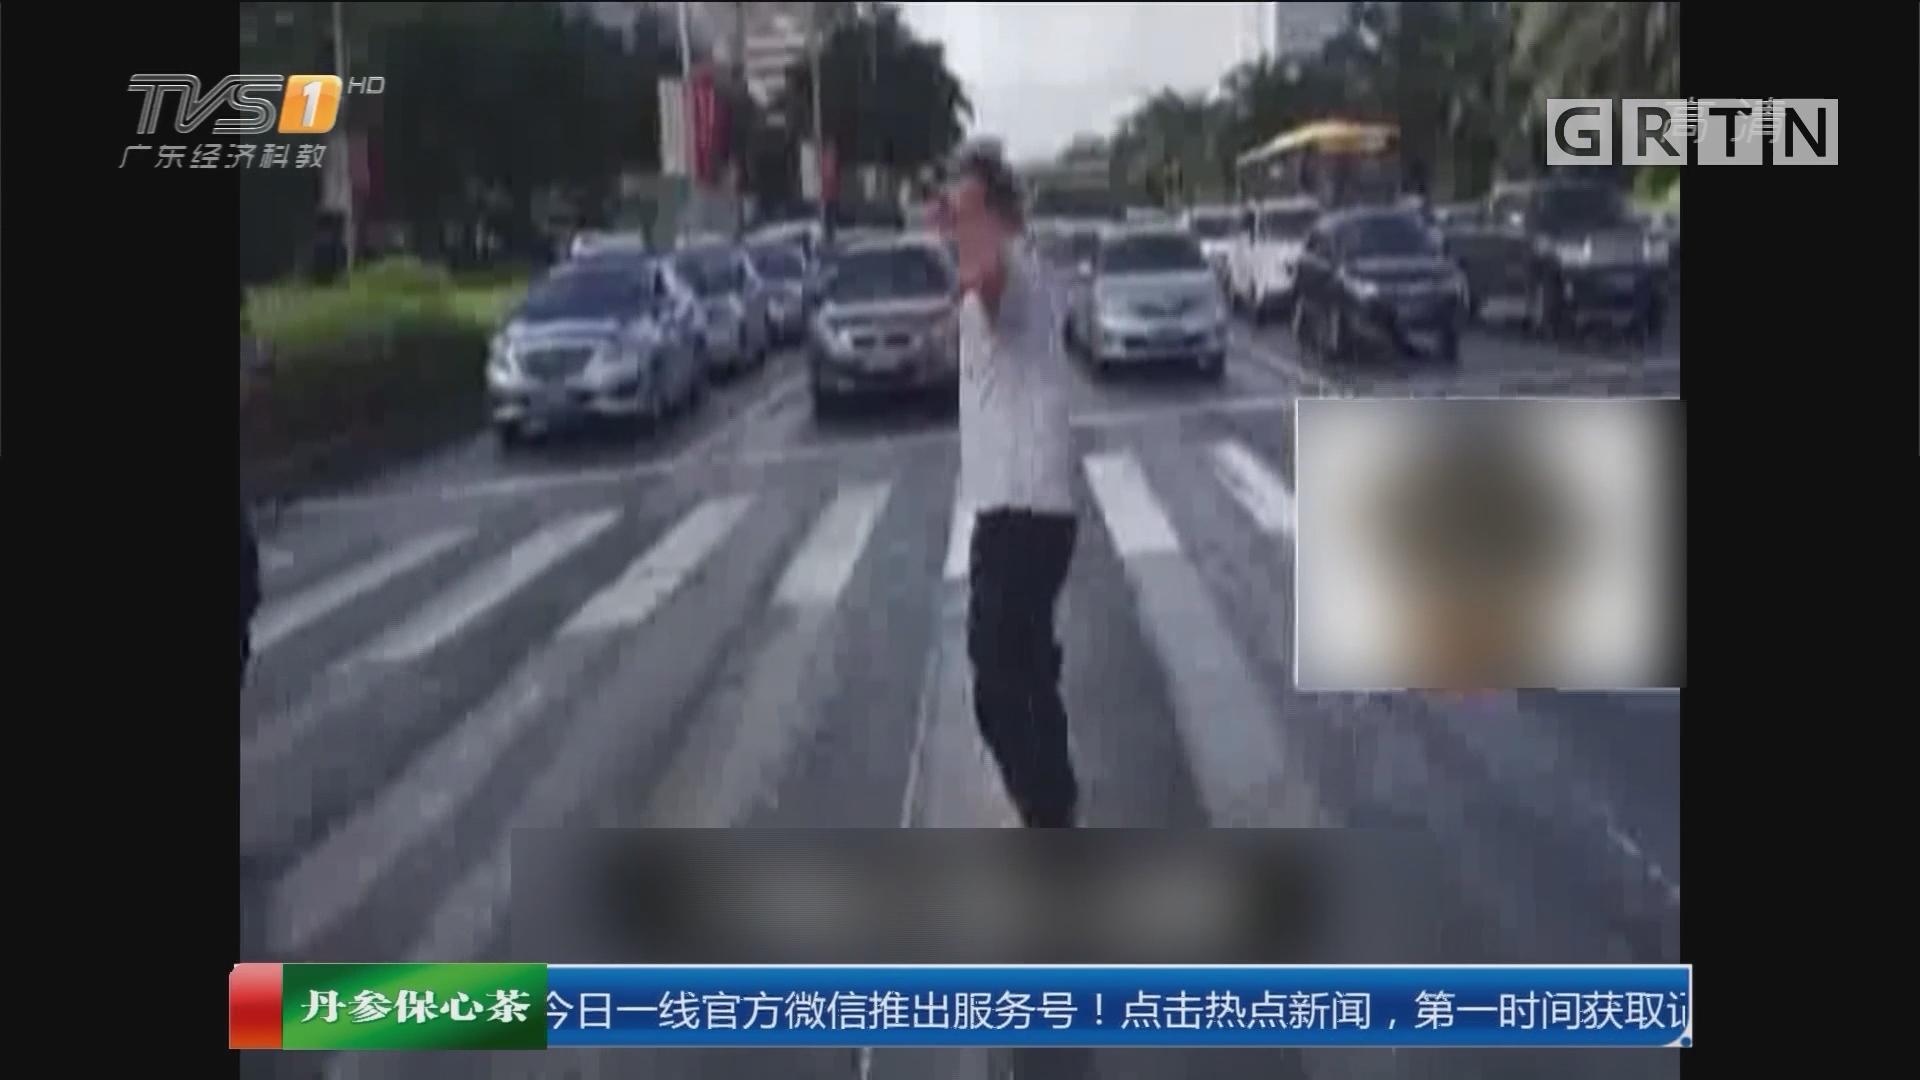 海南海口:路遇交警查车 拒绝配合还尬舞